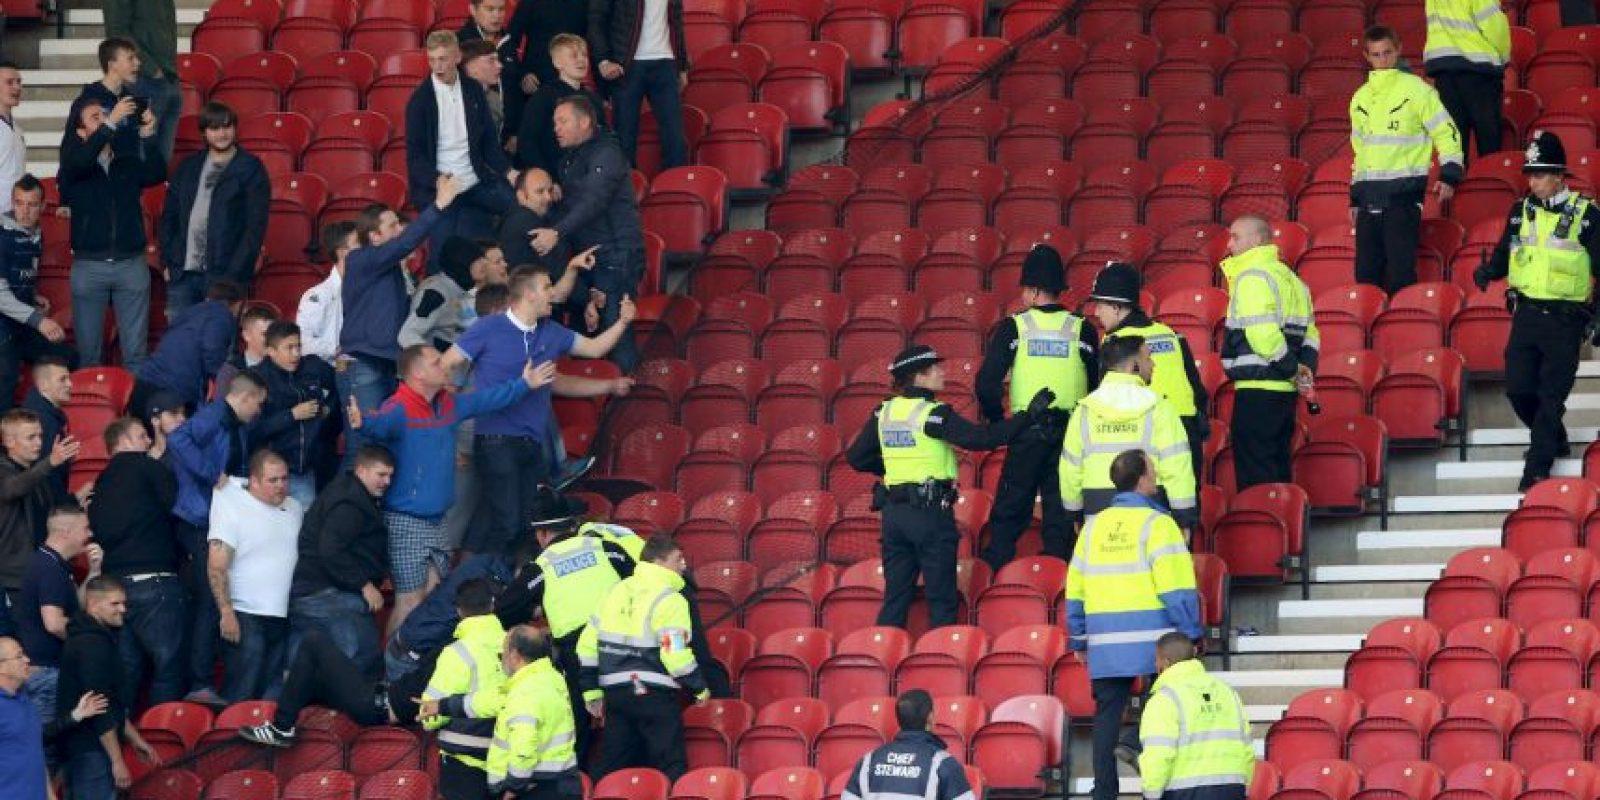 Getty Images Foto:Leeds United no vive su mejor momento futbolístico. Sin embargo, en la época donde brillaron, sus hinchas fueron sembrando el terror alrededor de toda Europa. Hoy en día sus peleas son con la policía que los resguarda en los partidos de la segunda división inglesa.